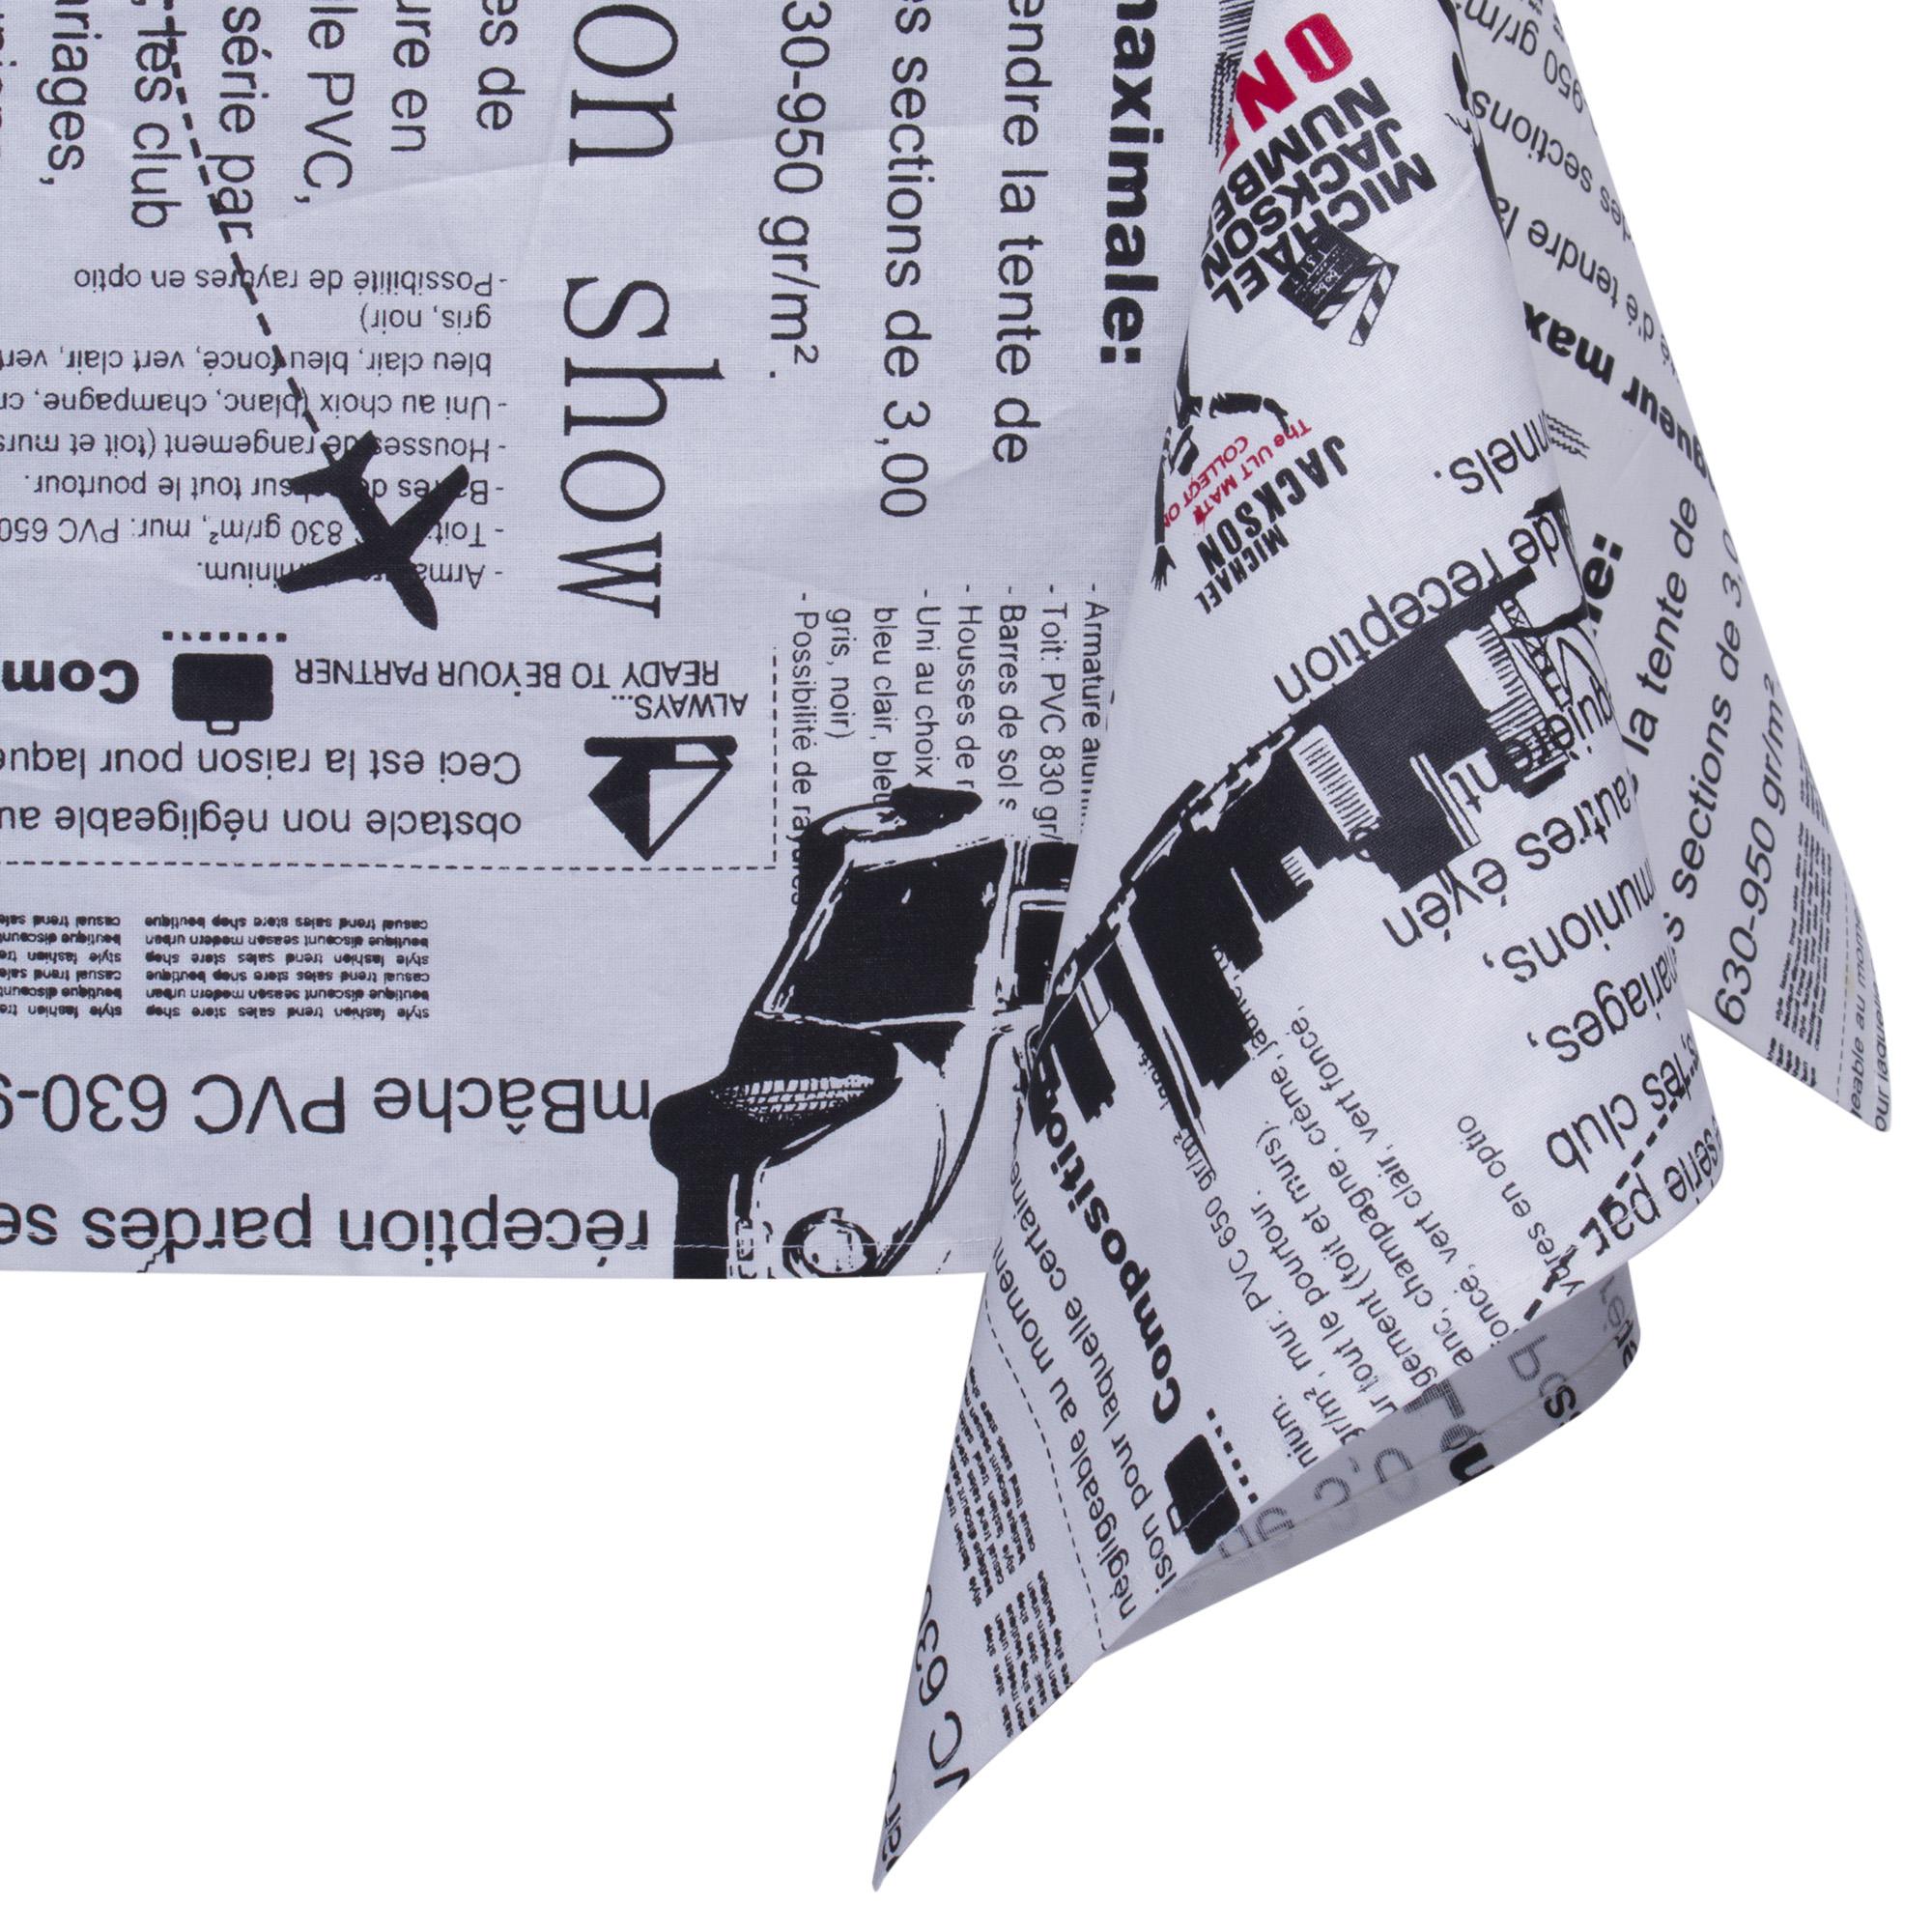 Скатерть Французская газетаСкатерть от Magia Gusto поможет вам в быту, защитит стол от царапит и грязи, а также украсит его. Качественная, стильная, она станет вашим любимчиком.<br>